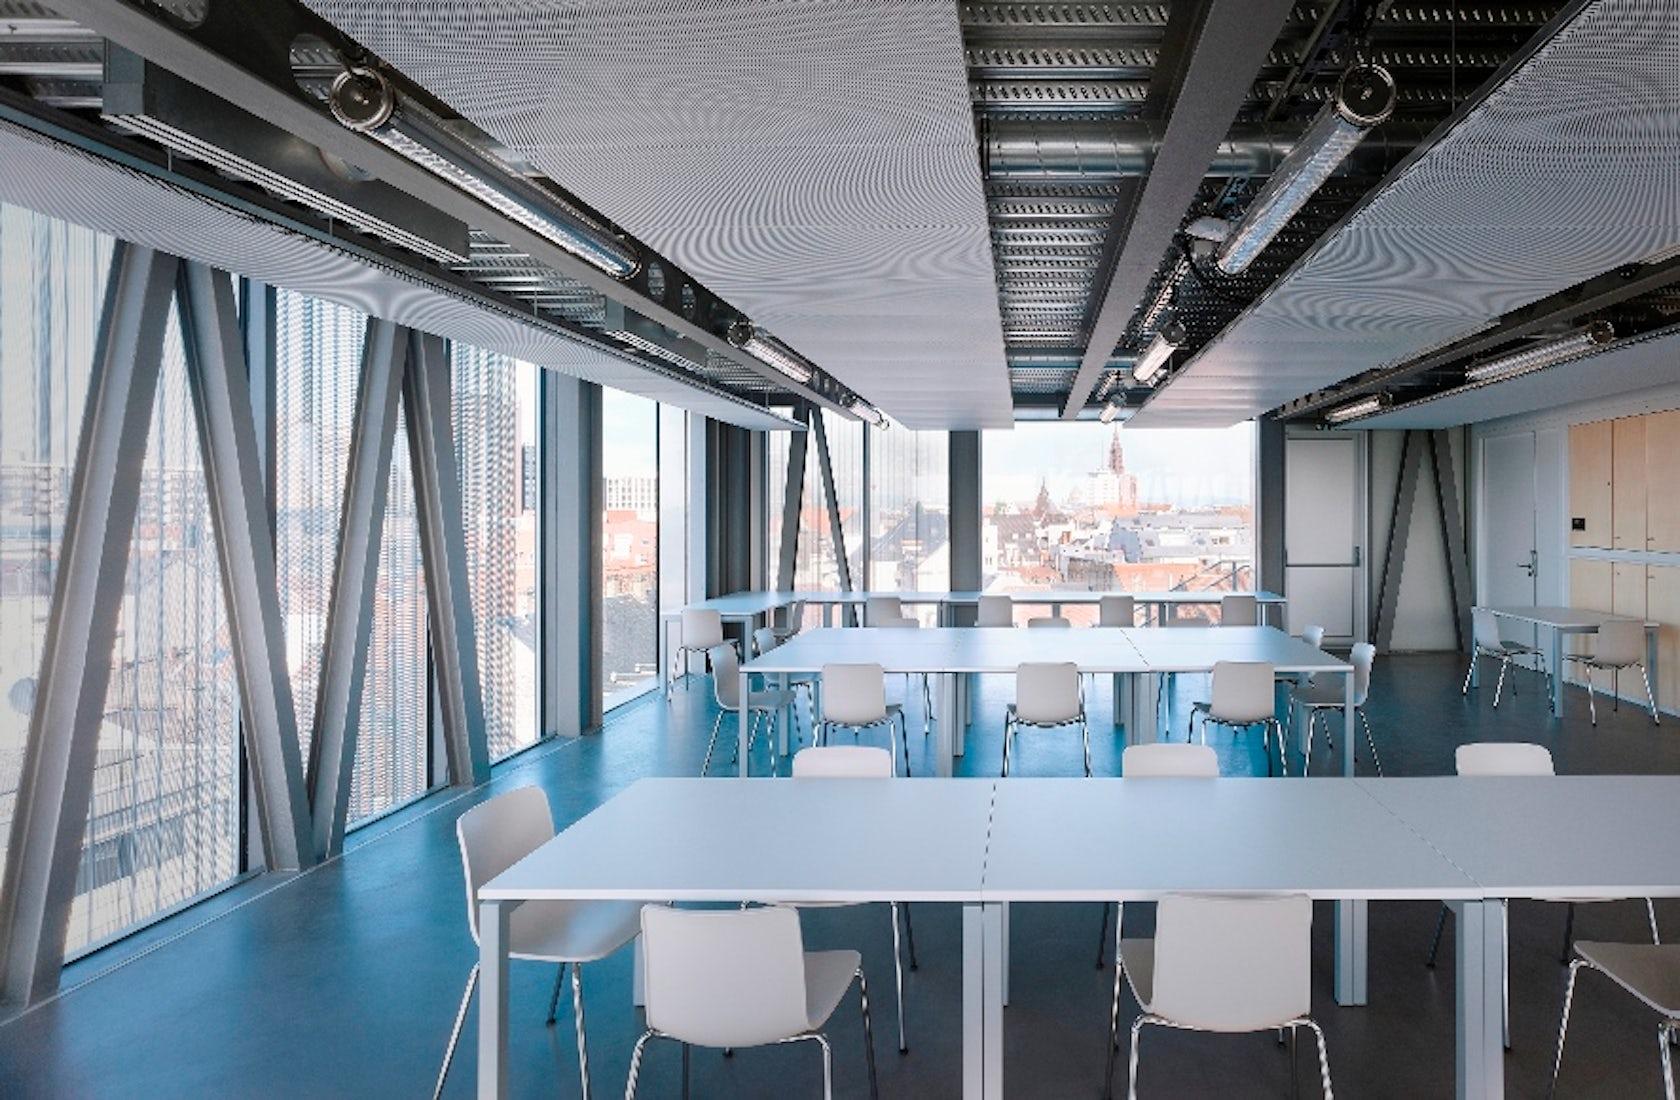 Strasbourg school of architecture architizer for Strasbourg architecture